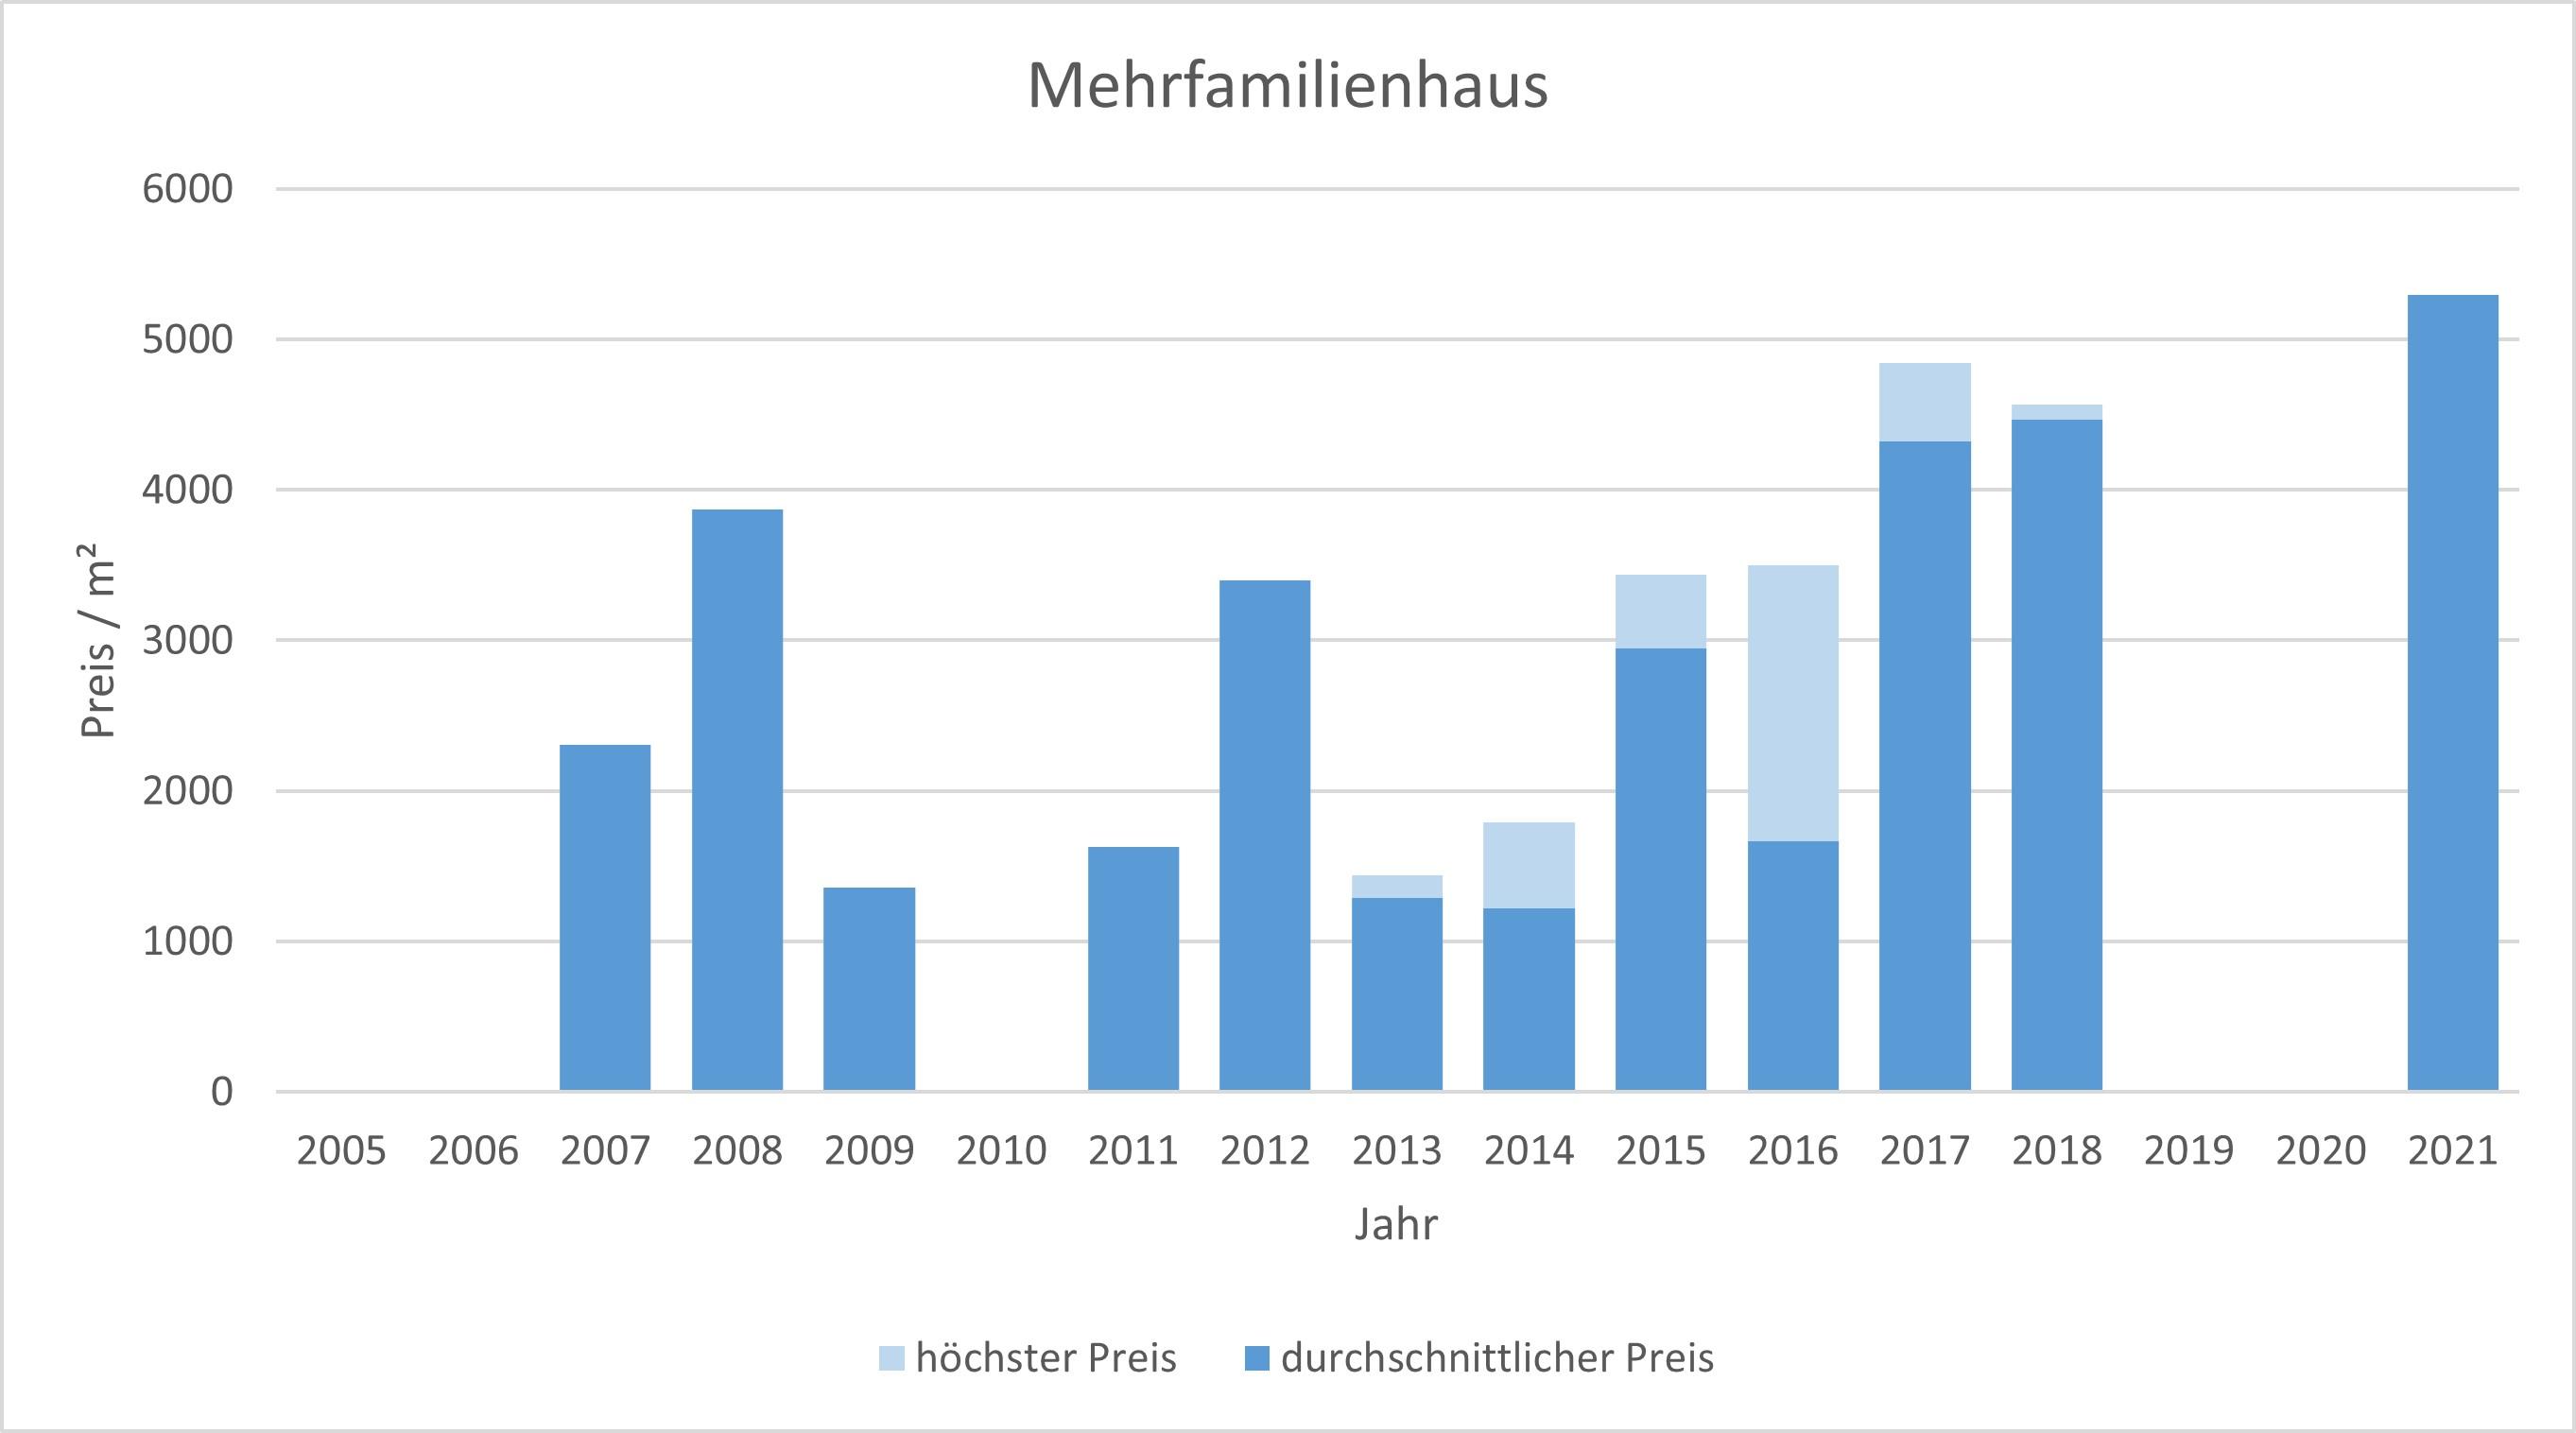 Dietramszell Mehrfamilienhaus 2019 2020 2021 kaufen verkaufen Preis Bewertung Makler www.happy-immo.de